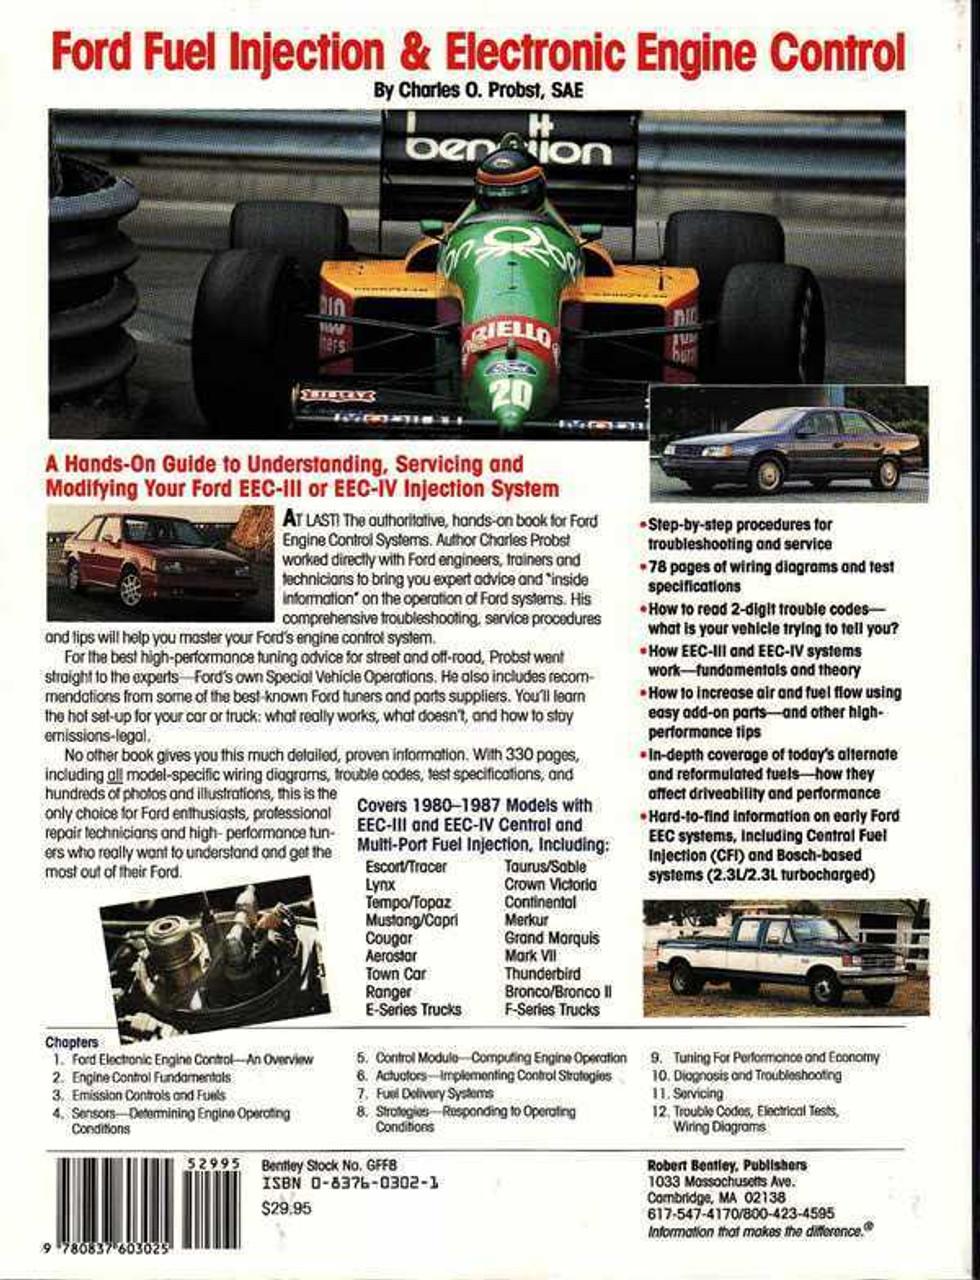 Cometic Gasket Performance PWC Kit TigerShark Daytona Montego Deluxe C6052 C6052